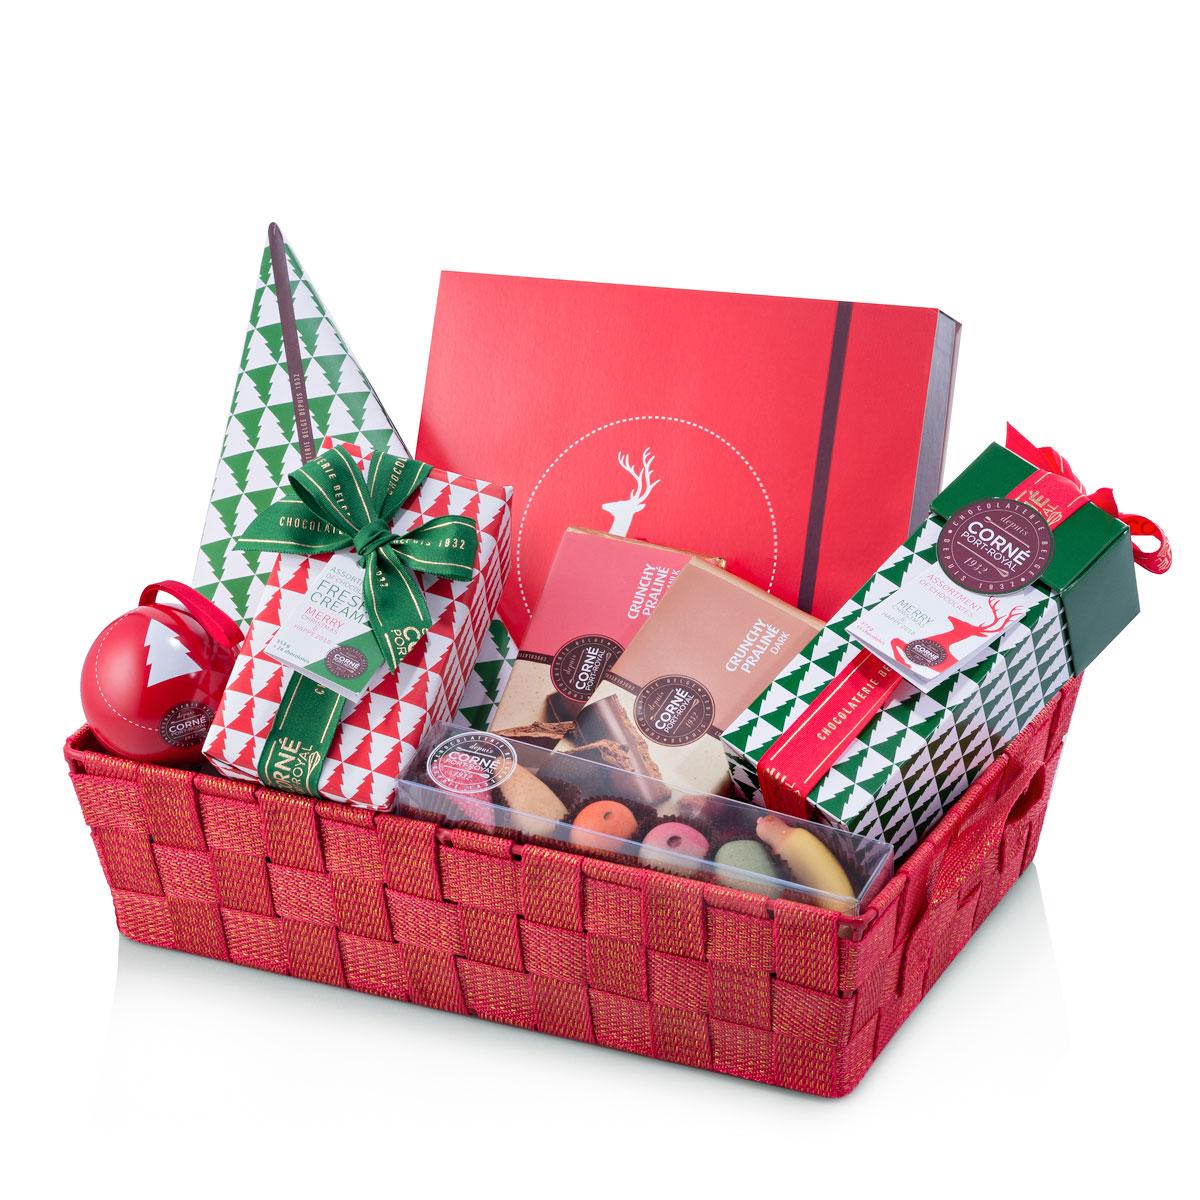 Panier Cadeau Livraison Quebec : Corn? port royal panier cadeau chocolats no?l livraison